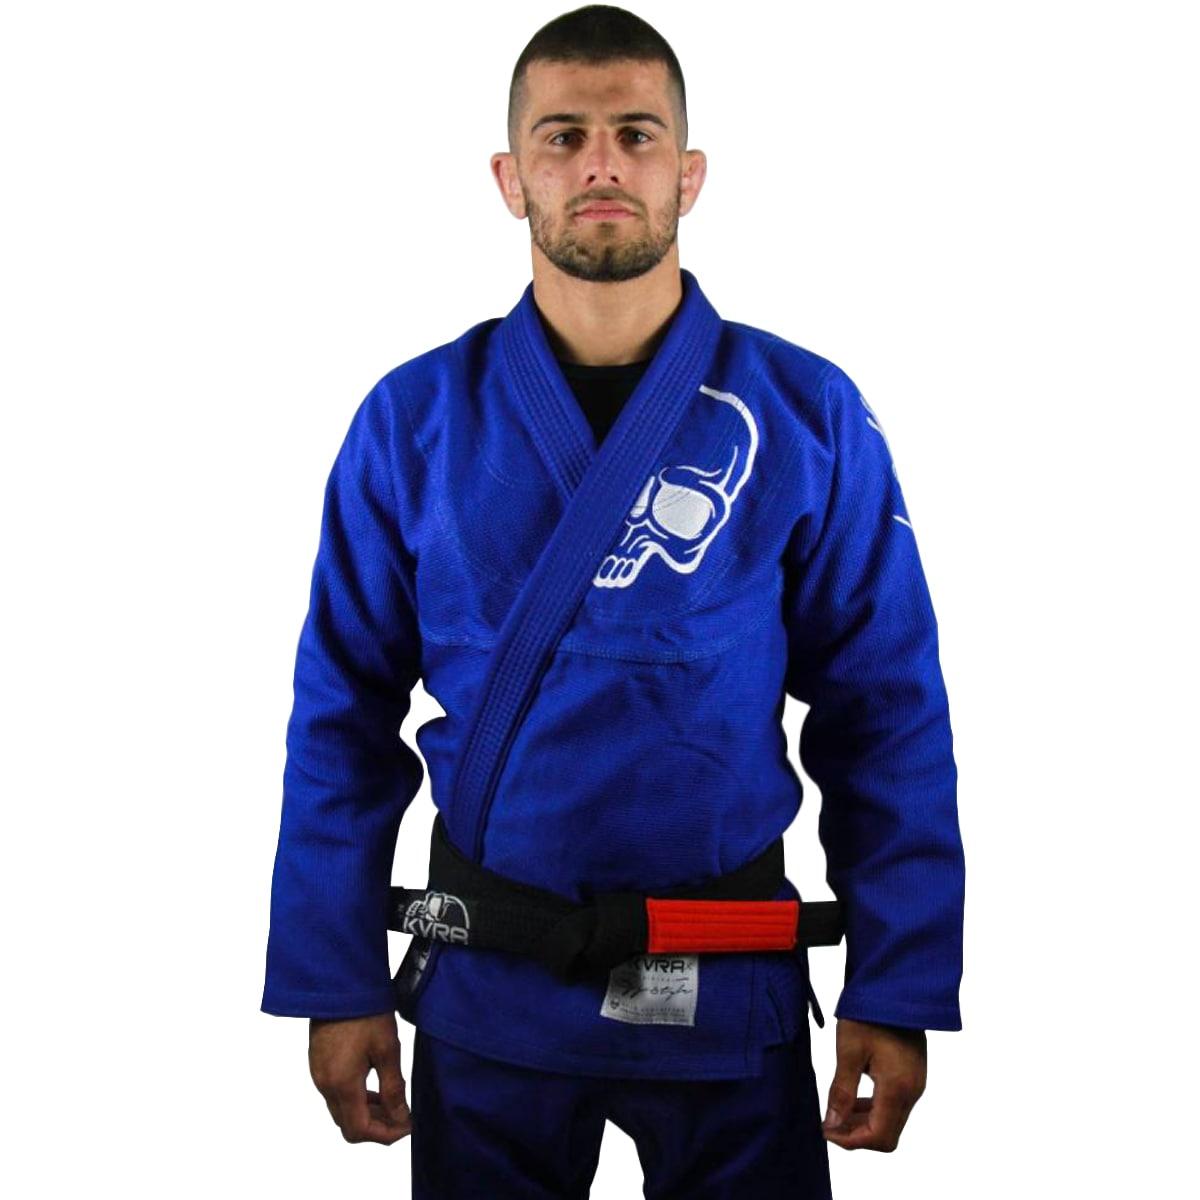 Kimono Jiu-Jitsu Adulto Kvra BJJ Style Future - Azul